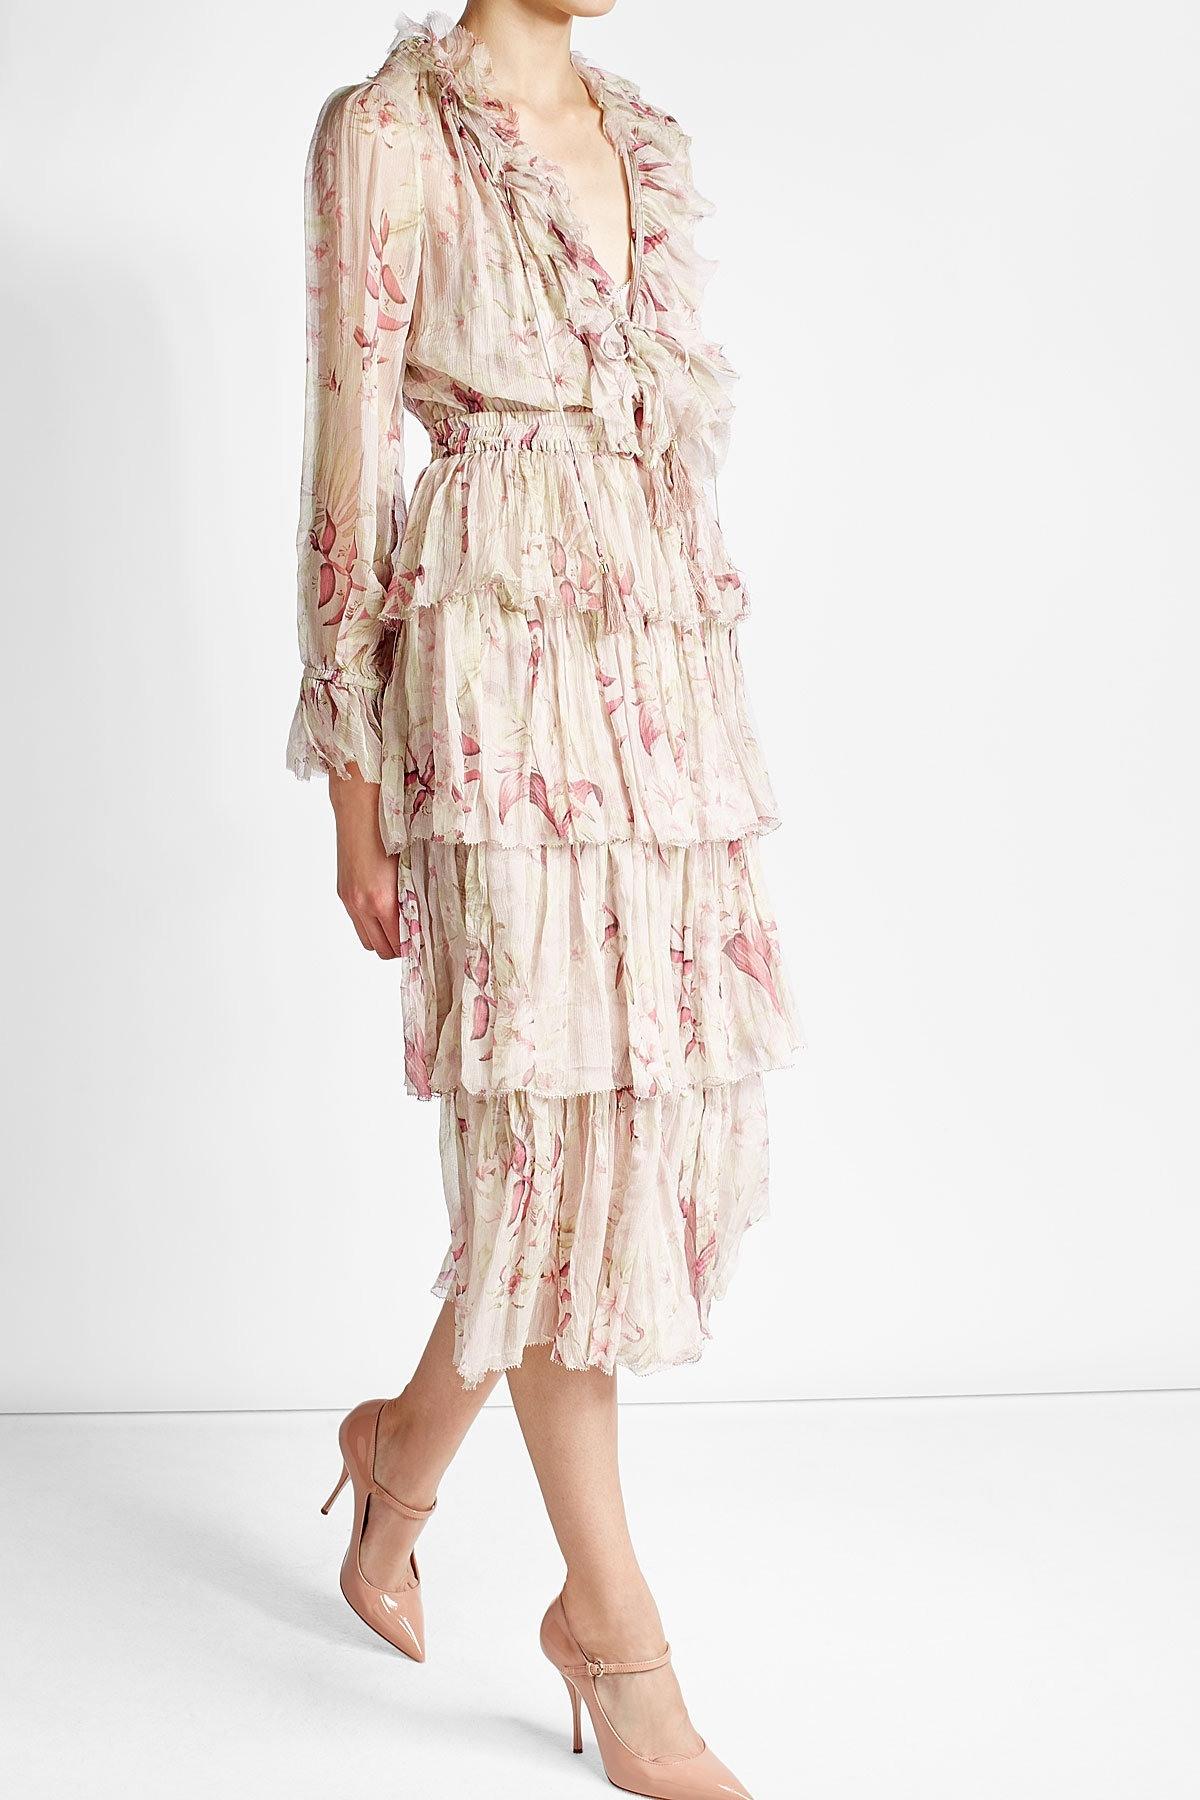 Designer Kreativ Damen Kleider Midi DesignDesigner Genial Damen Kleider Midi Design